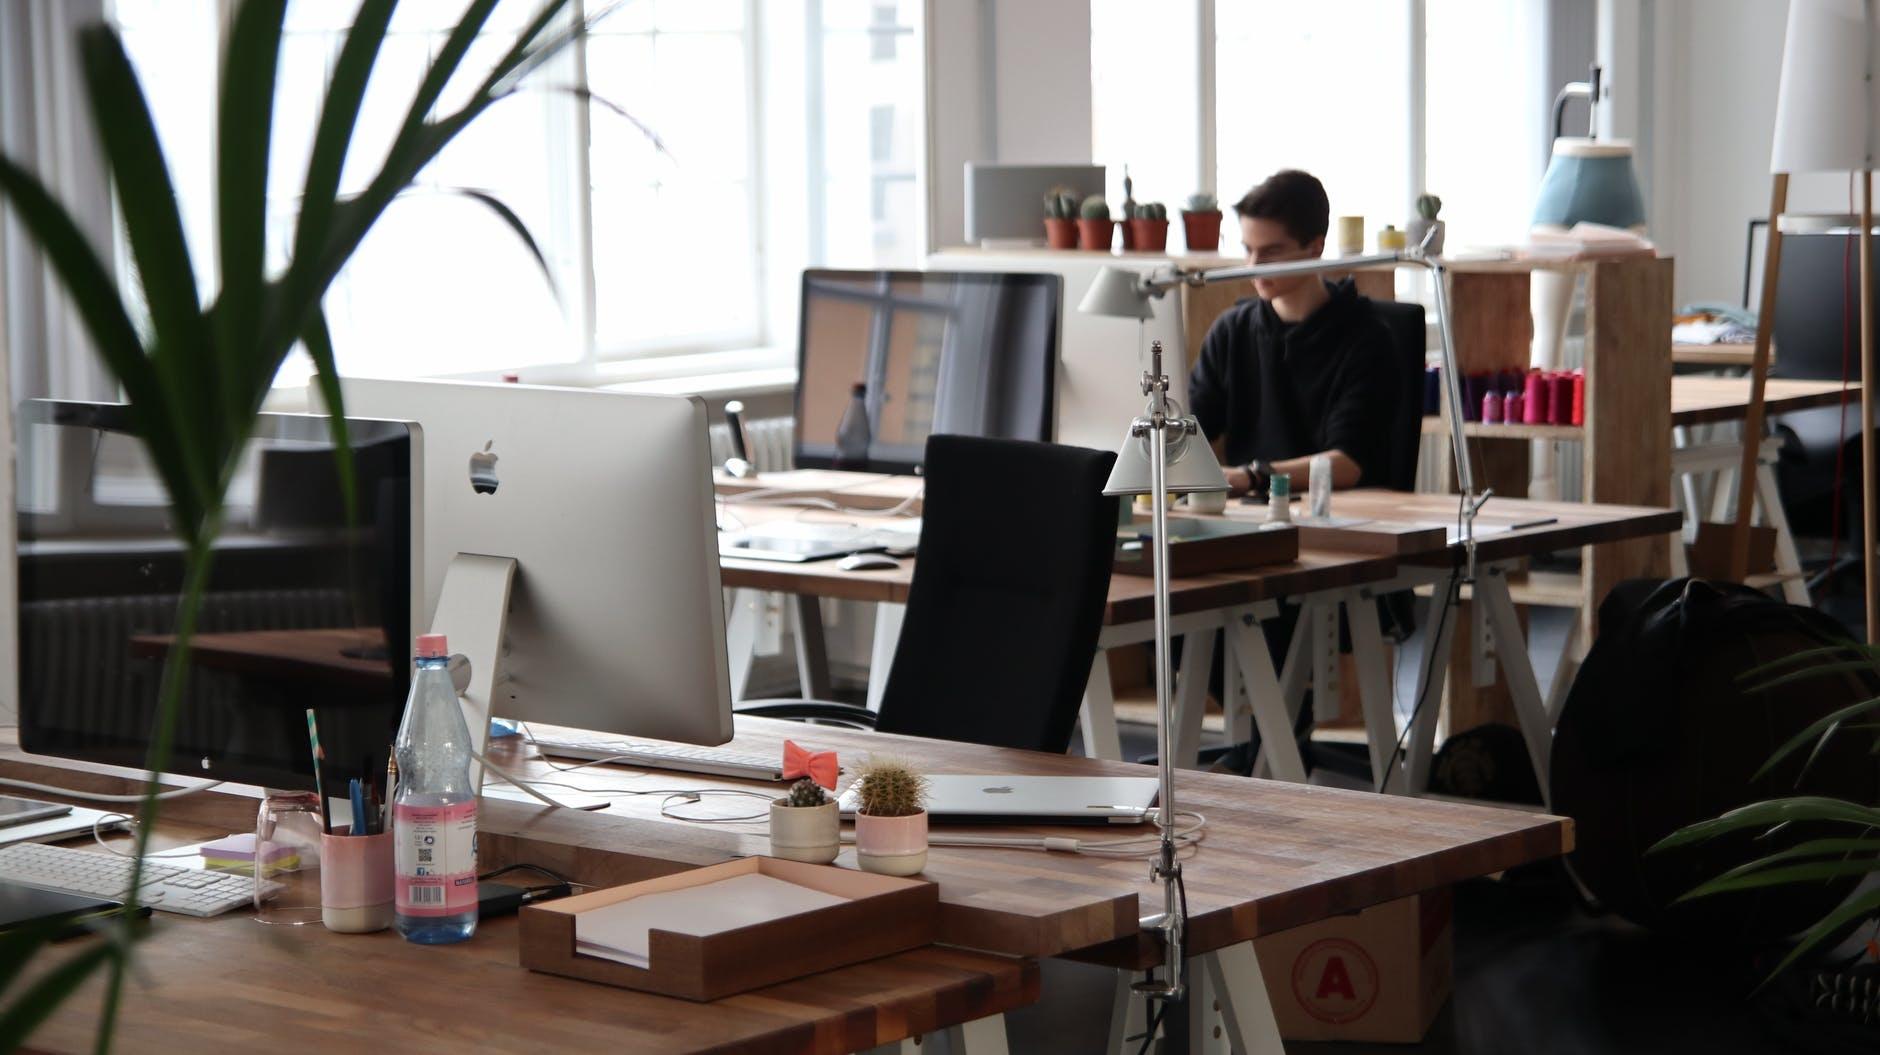 Problemen met de lucht in huis of op kantoor? Ontdek wat je er aan kunt doen